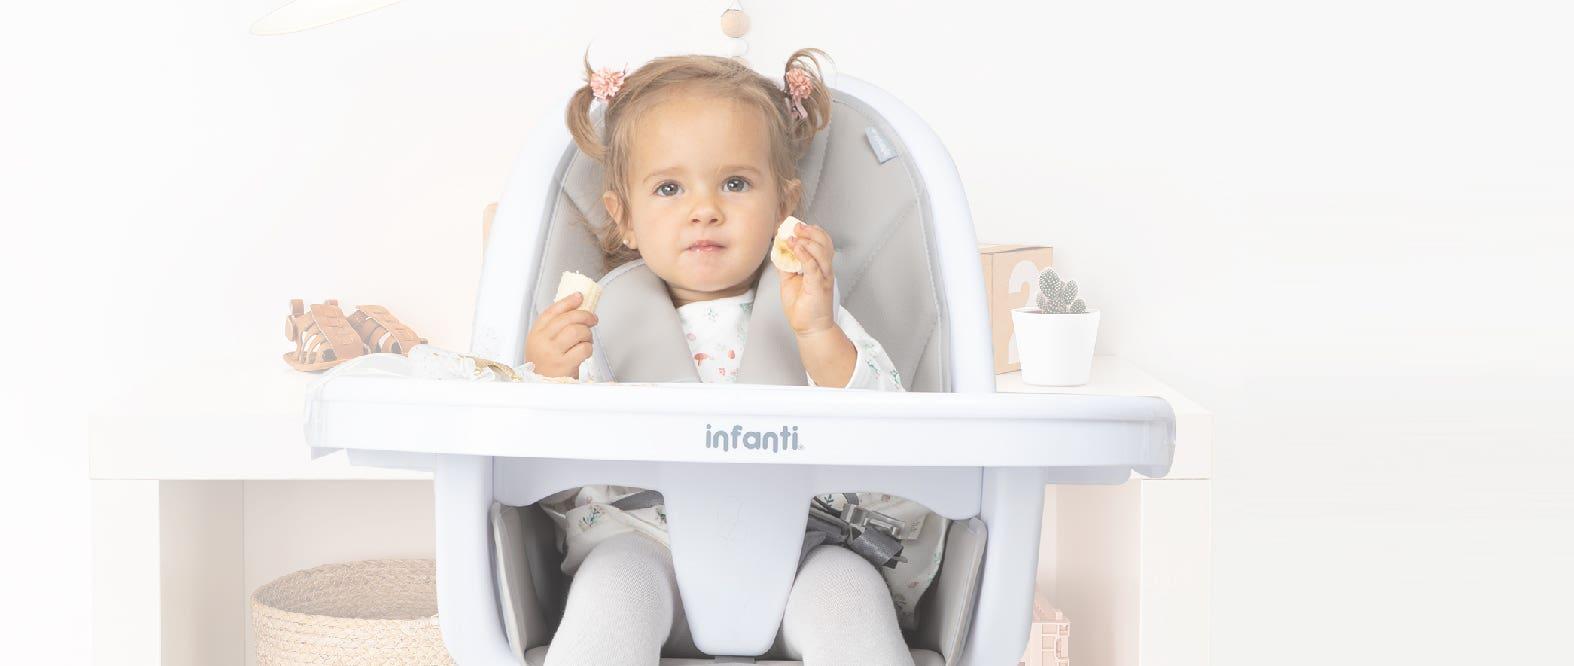 Cómo elegir la silla de comer correcta para mi bebé